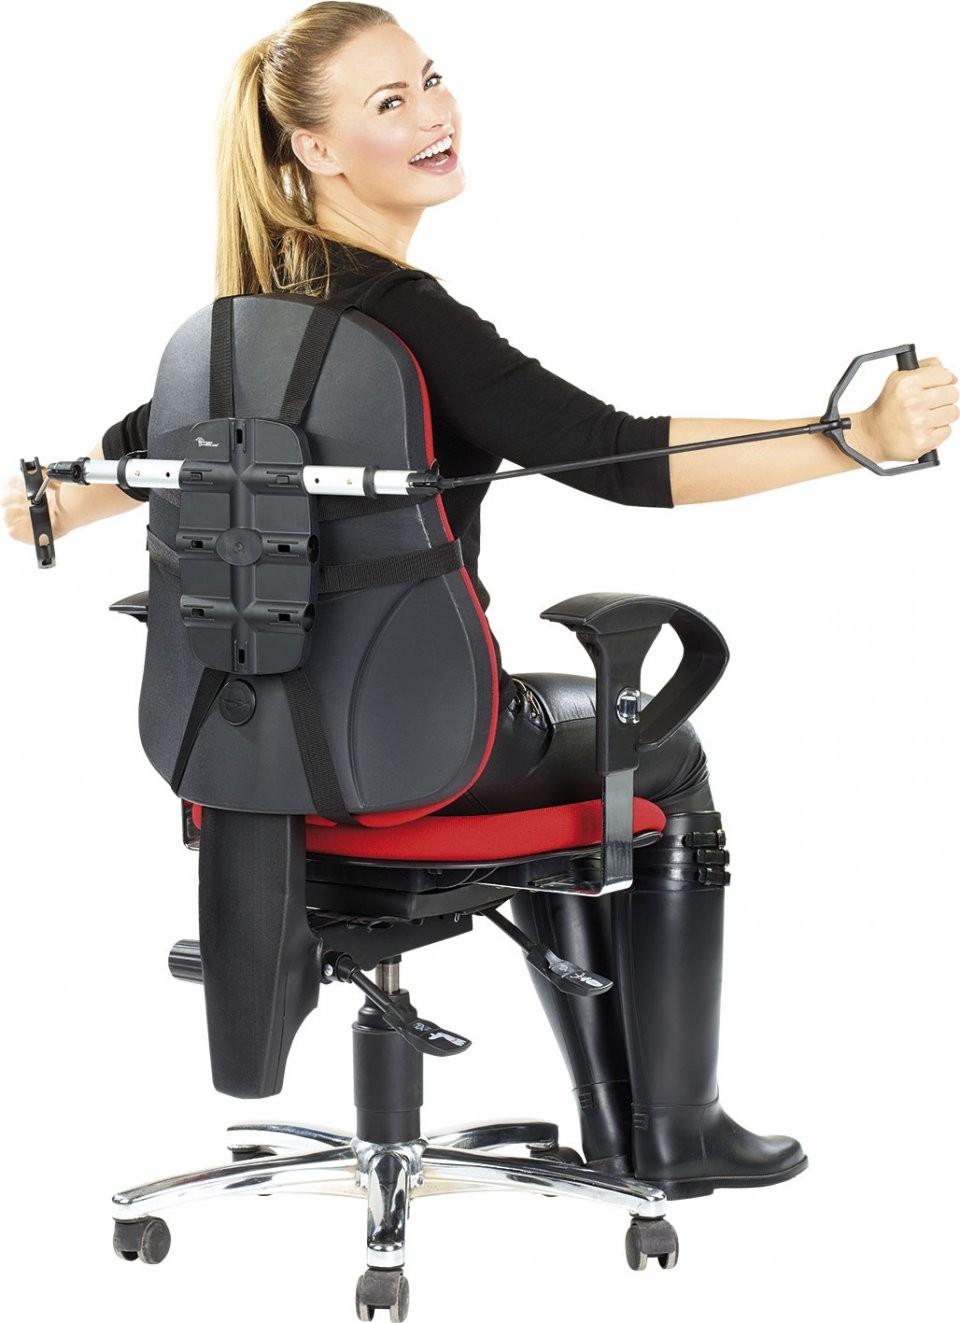 appareil de fitness et musculation avec tendeurs pour. Black Bedroom Furniture Sets. Home Design Ideas